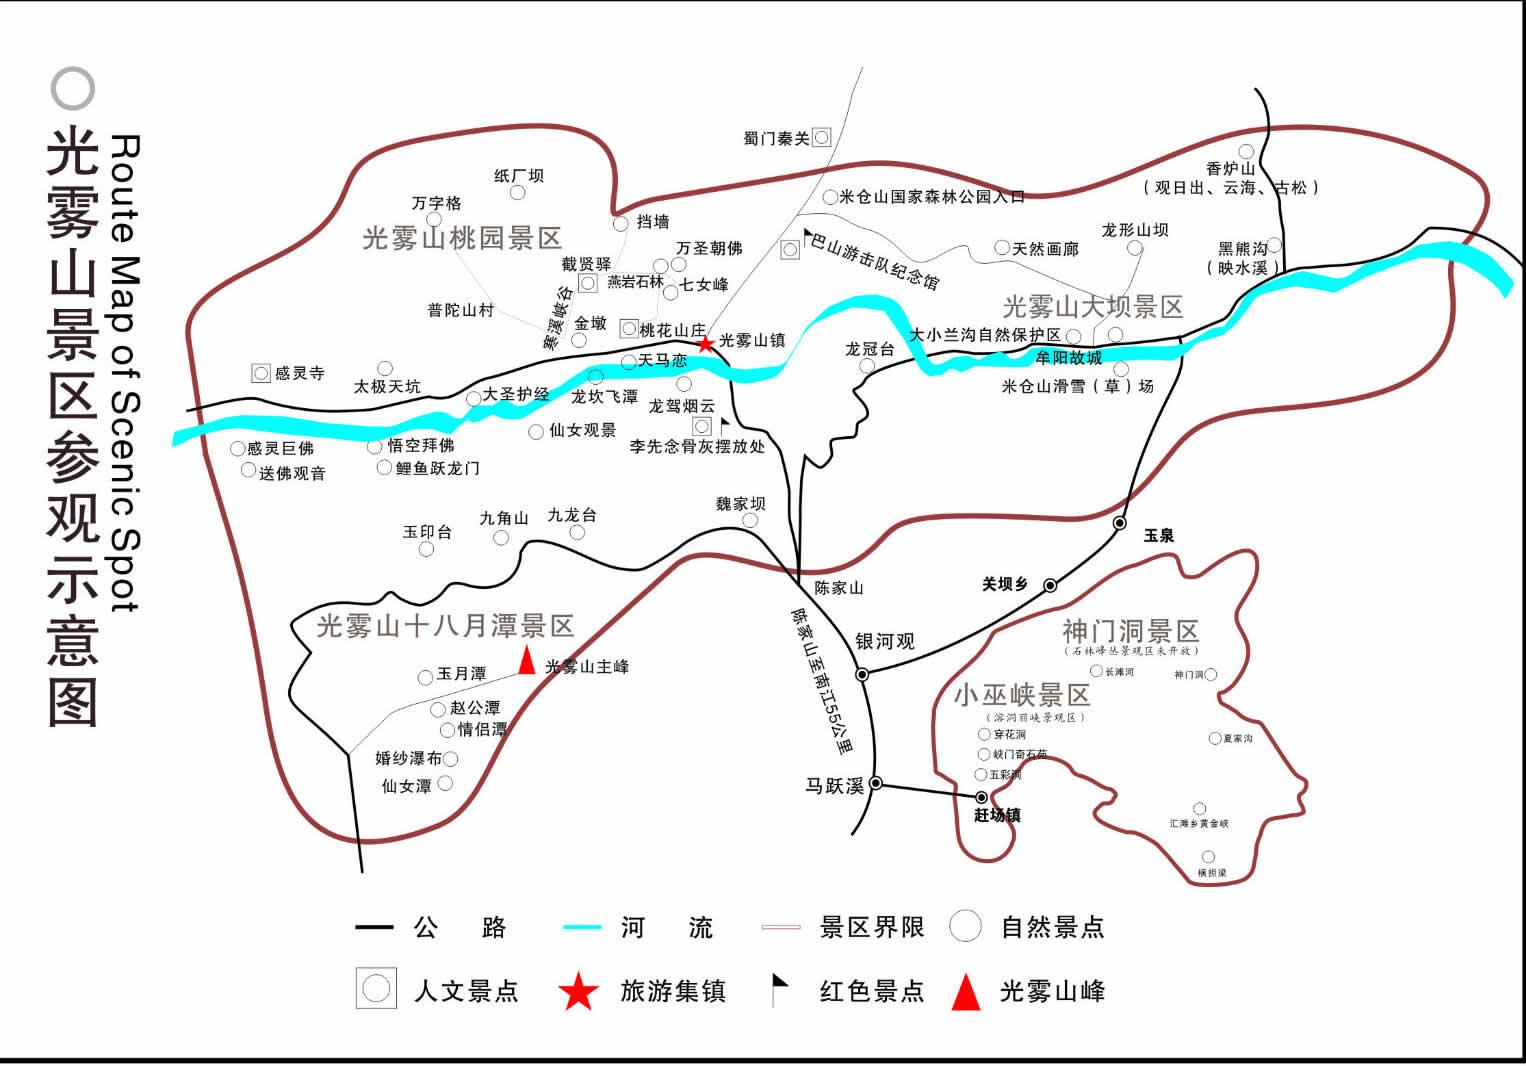 首页 旅游地图 景点导游图 四川旅游景点地图 光雾山导游地图